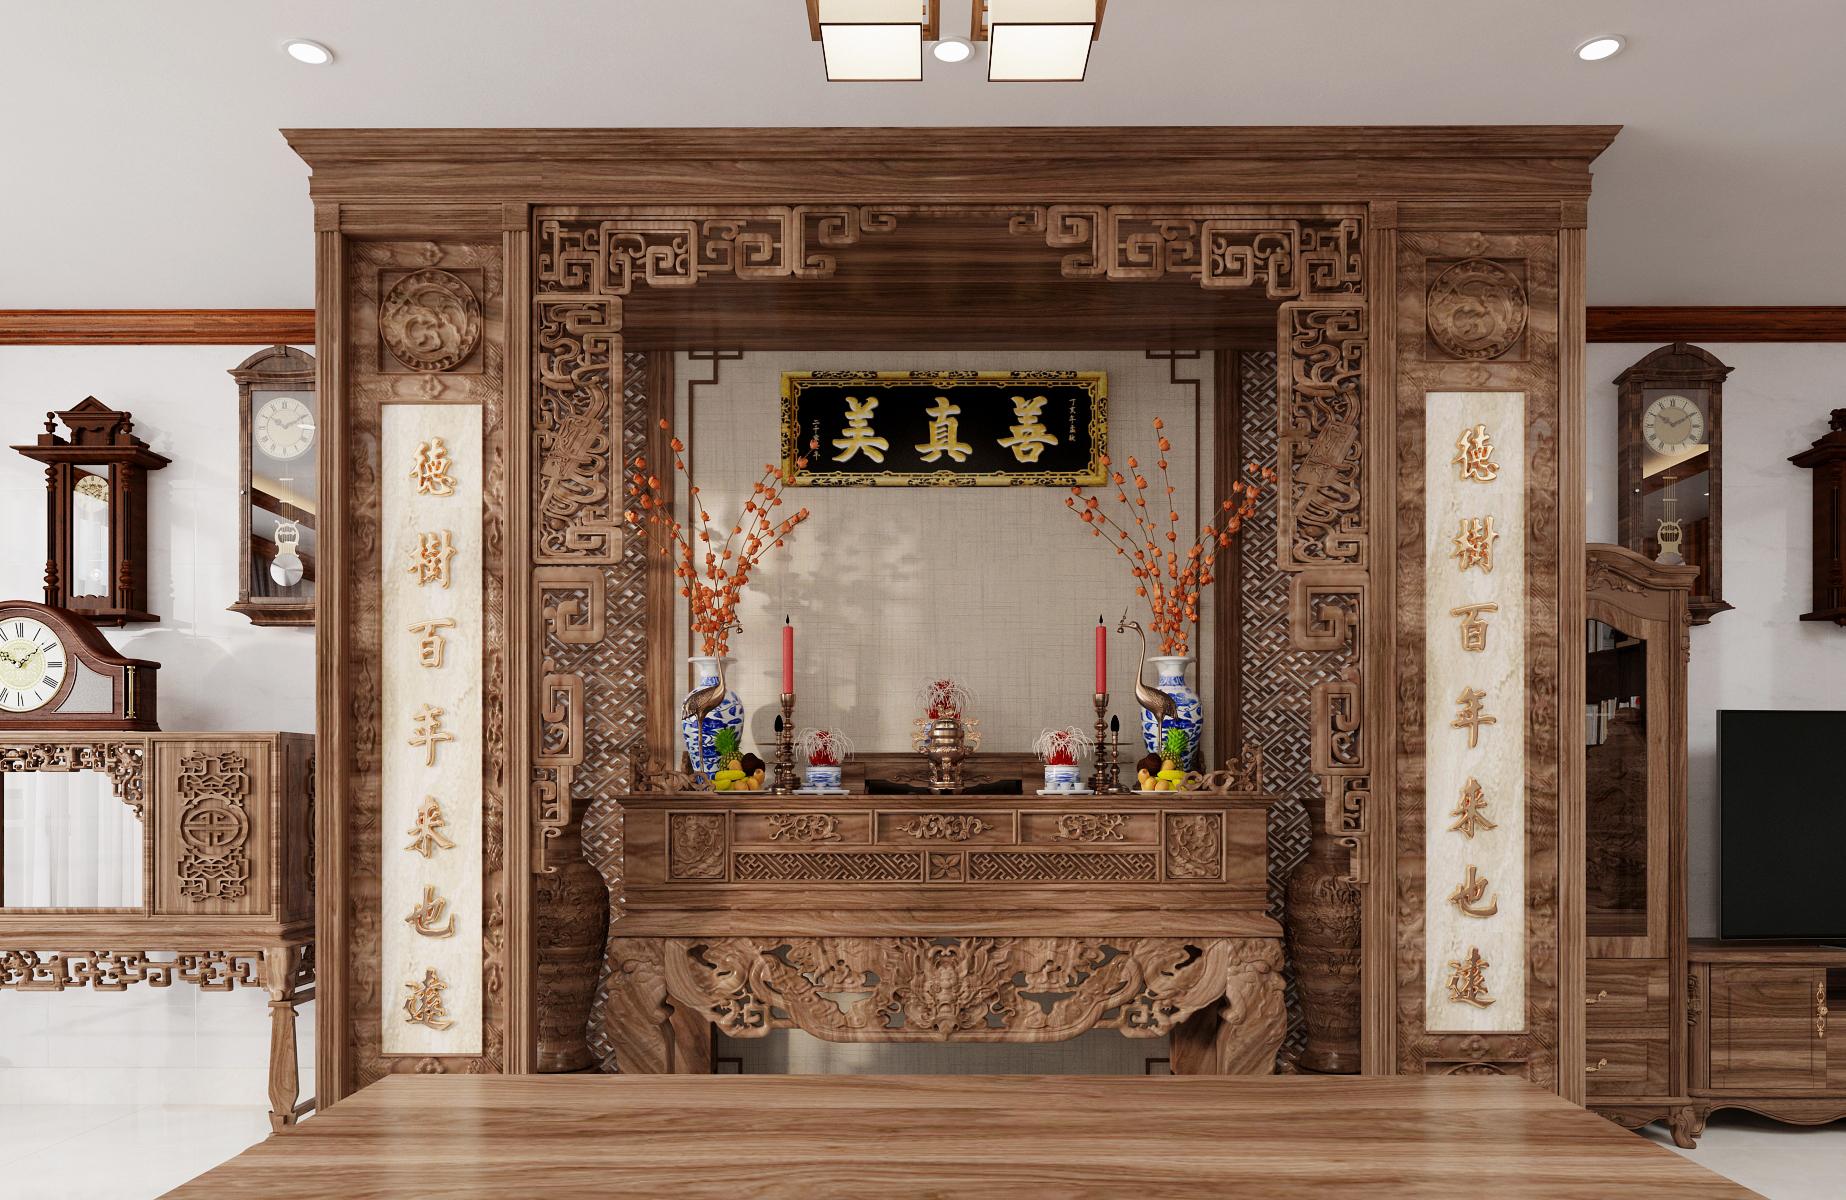 Thiết kế nội thất Biệt Thự tại Nam Định Living House 1573645678 11